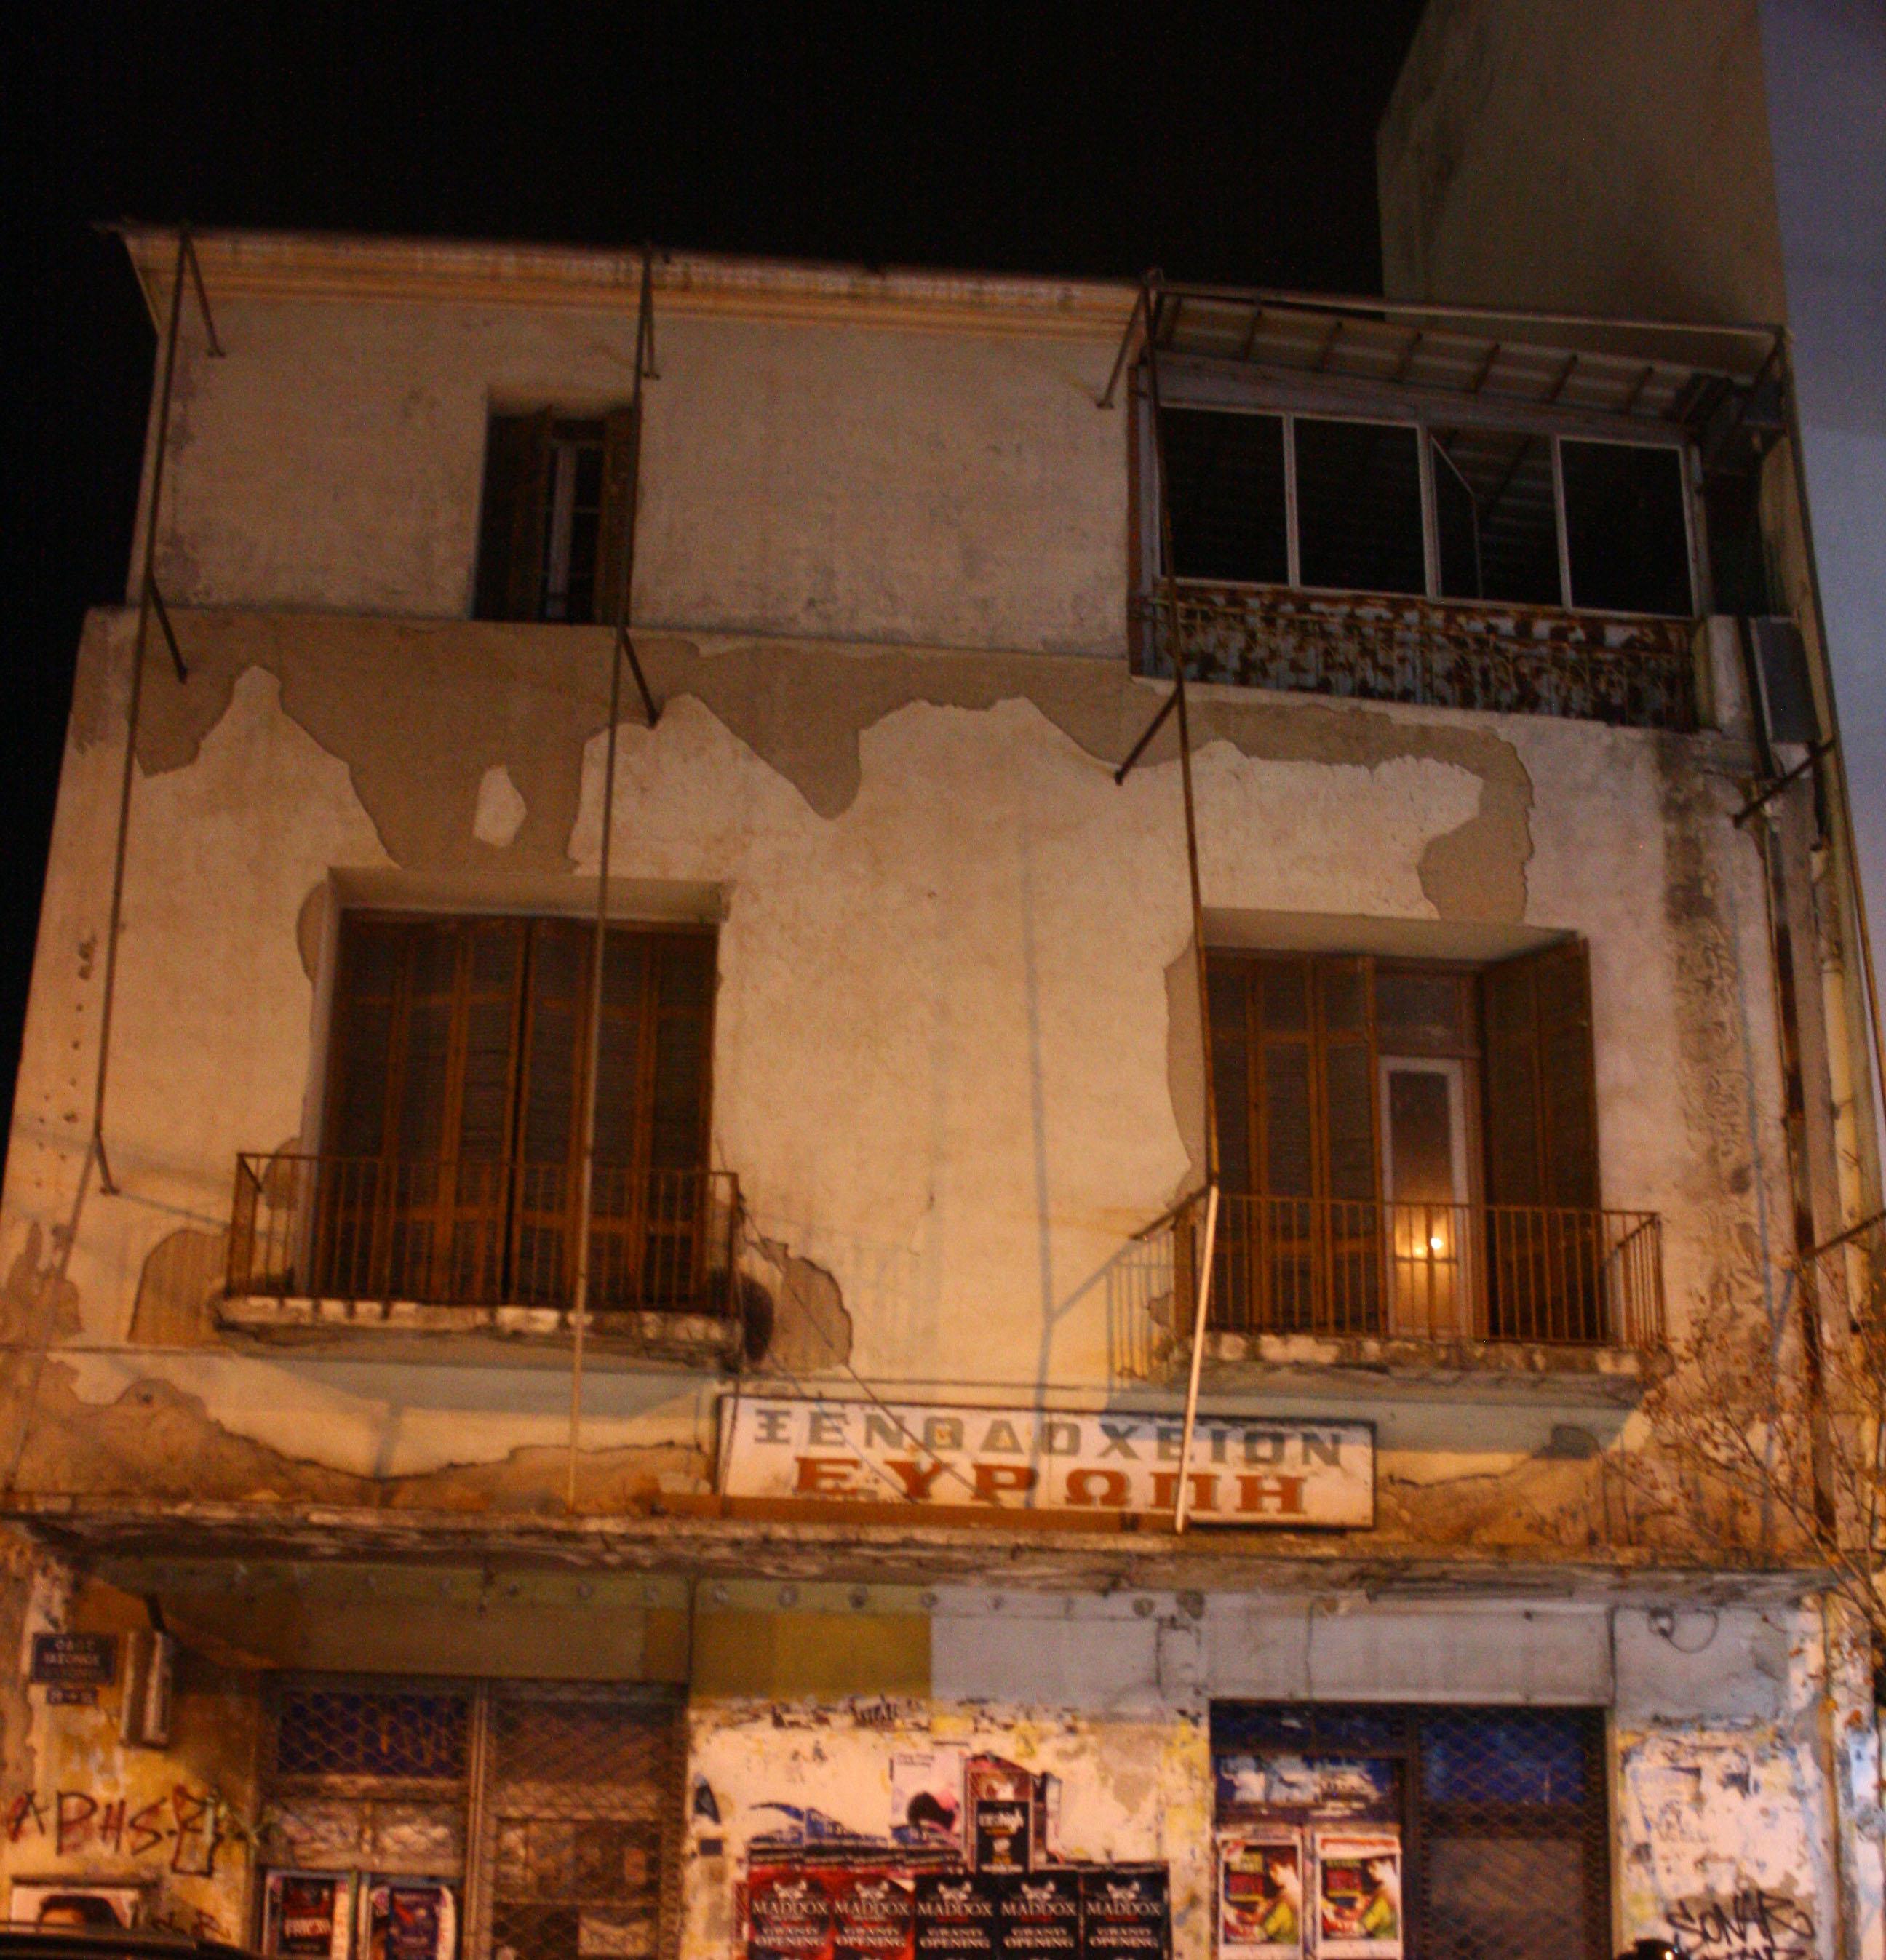 Λύση σε εγκαταλελειμμένα ξενοδοχεία αναζητεί ο Δήμος για τους άστεγους